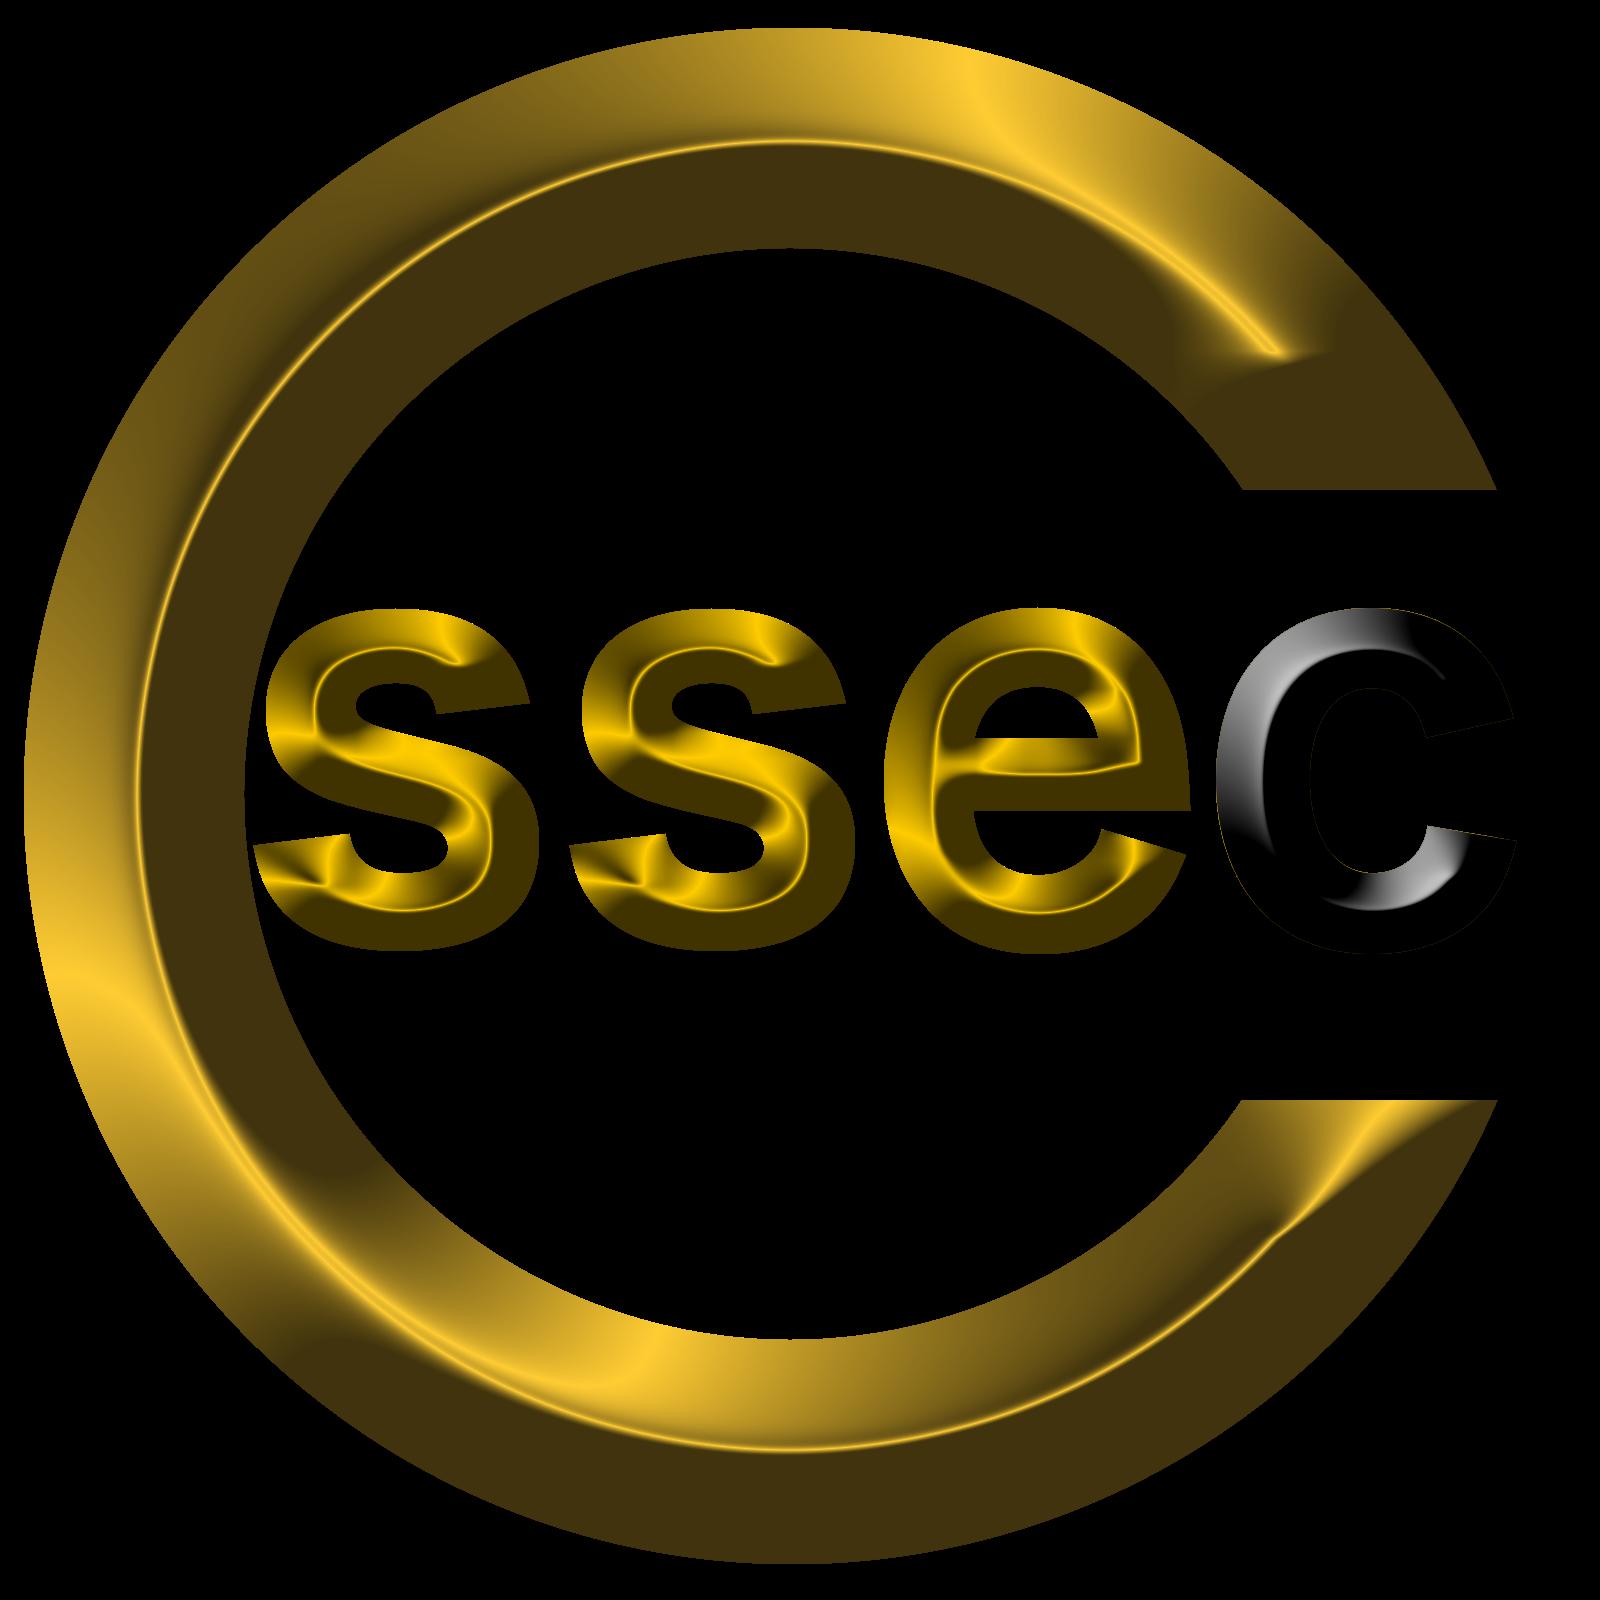 Produzioni Essec